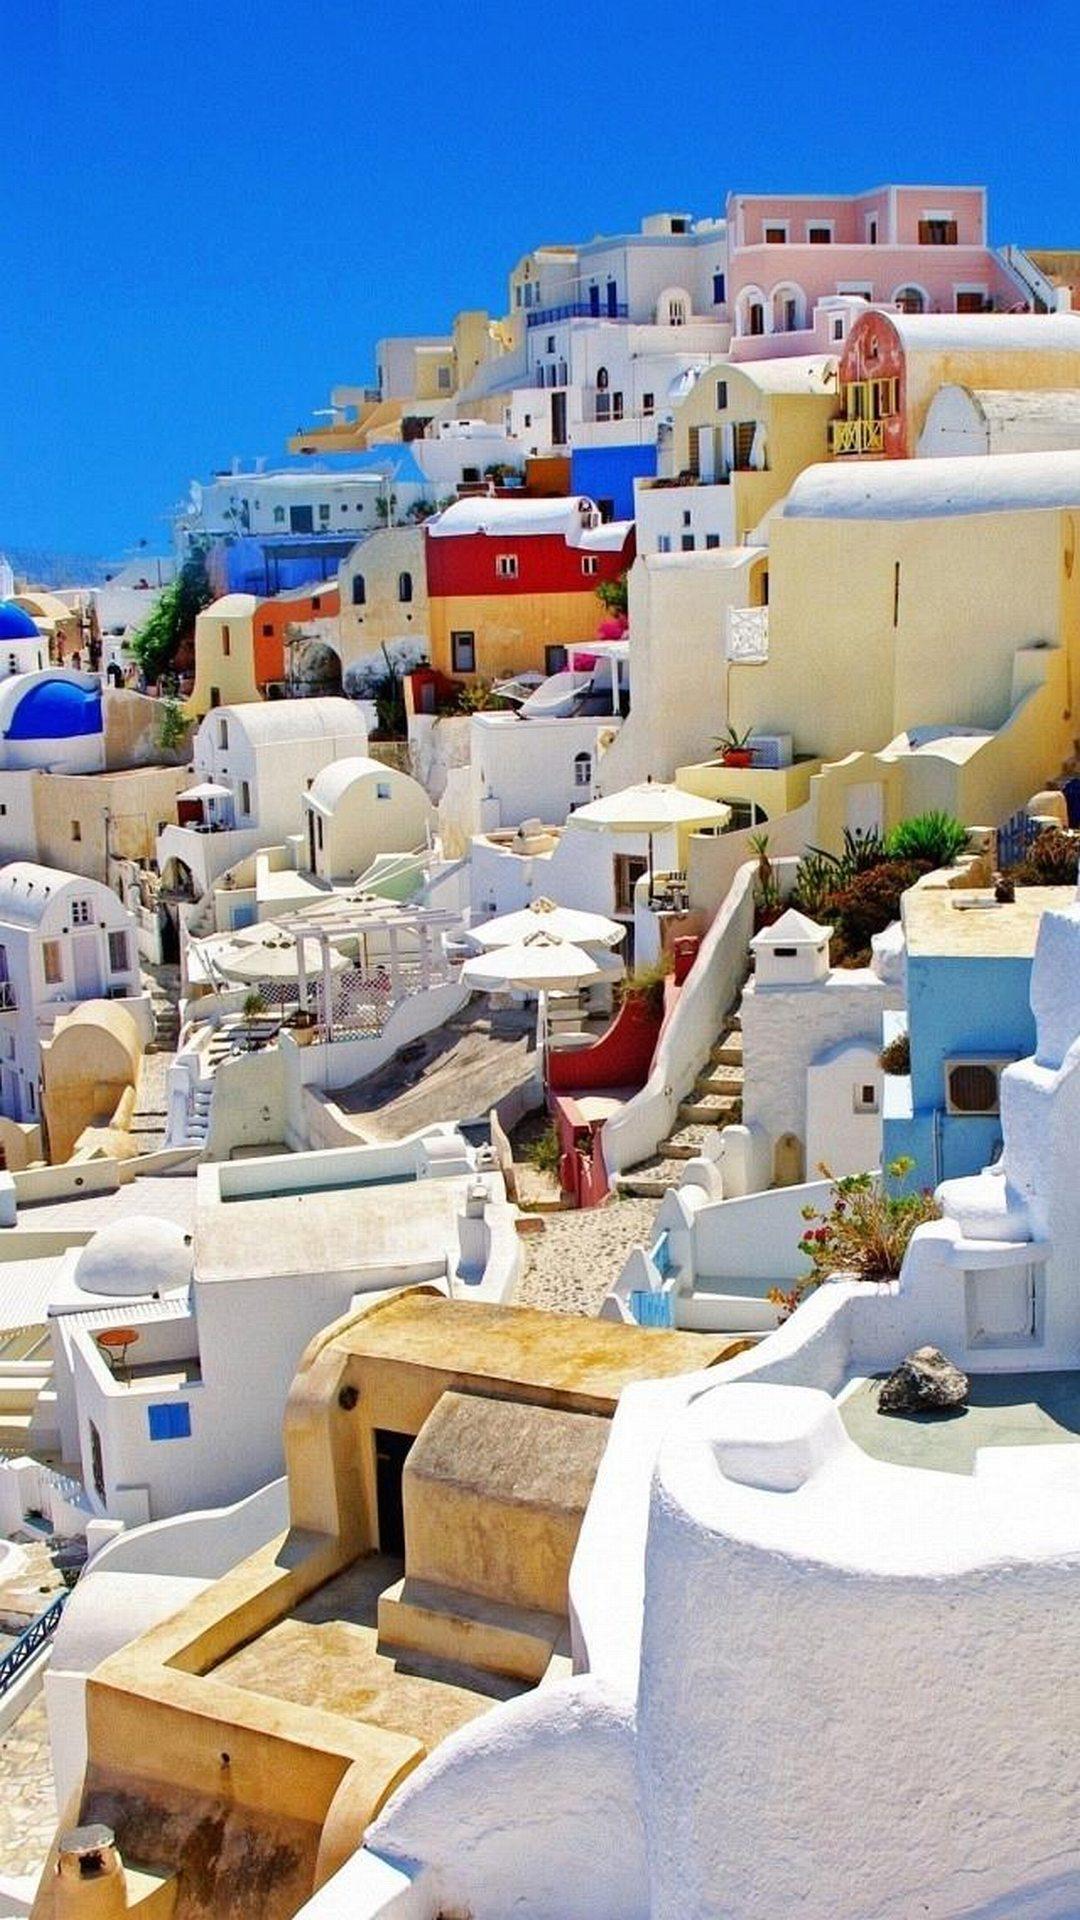 Fondo de pantalla Santorini